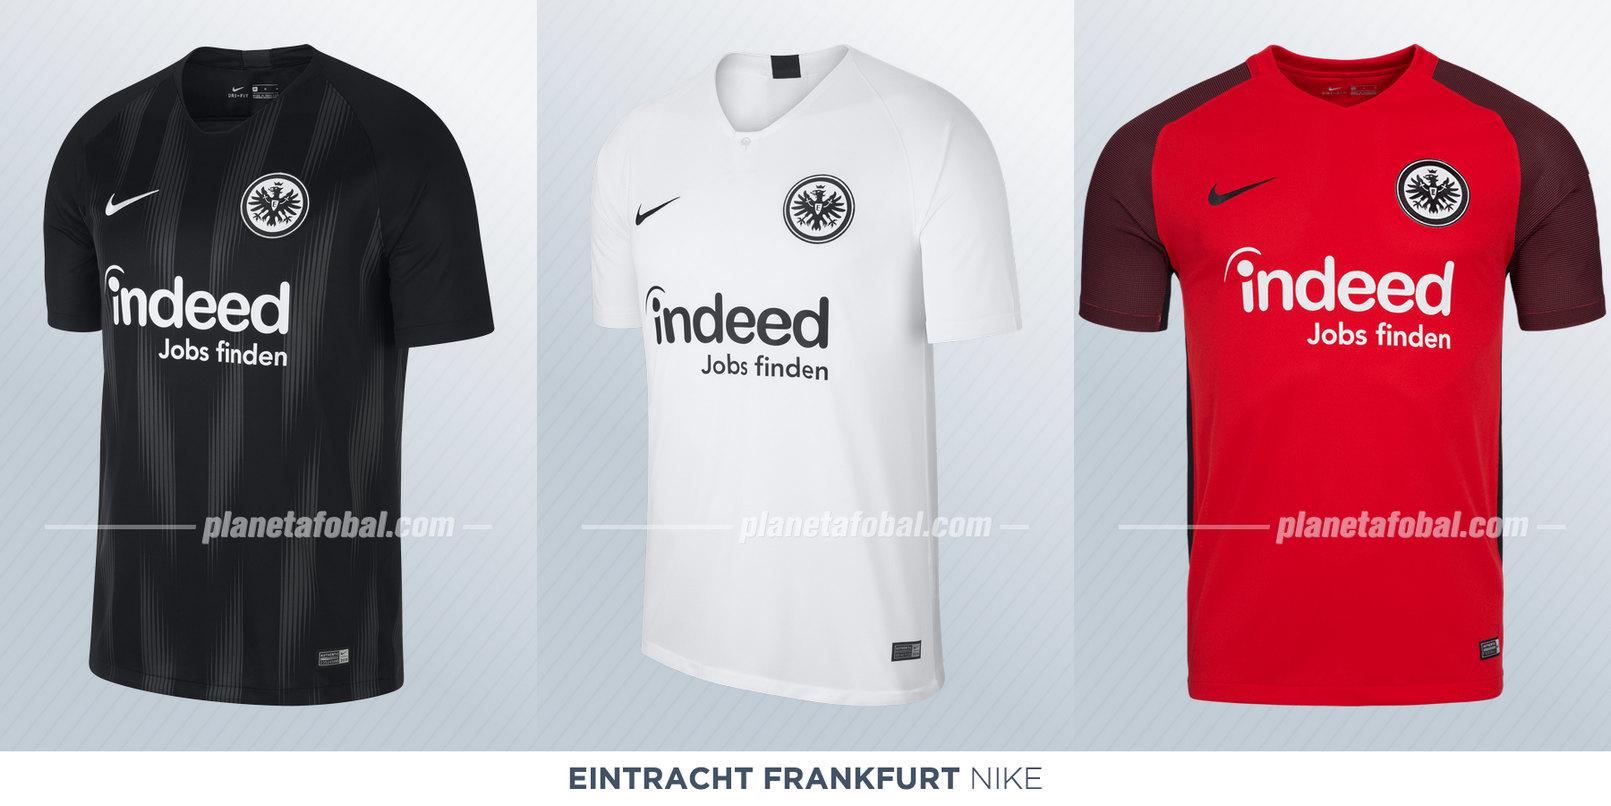 367b1f8a3 Camisetas de la Bundesliga 2018 2019